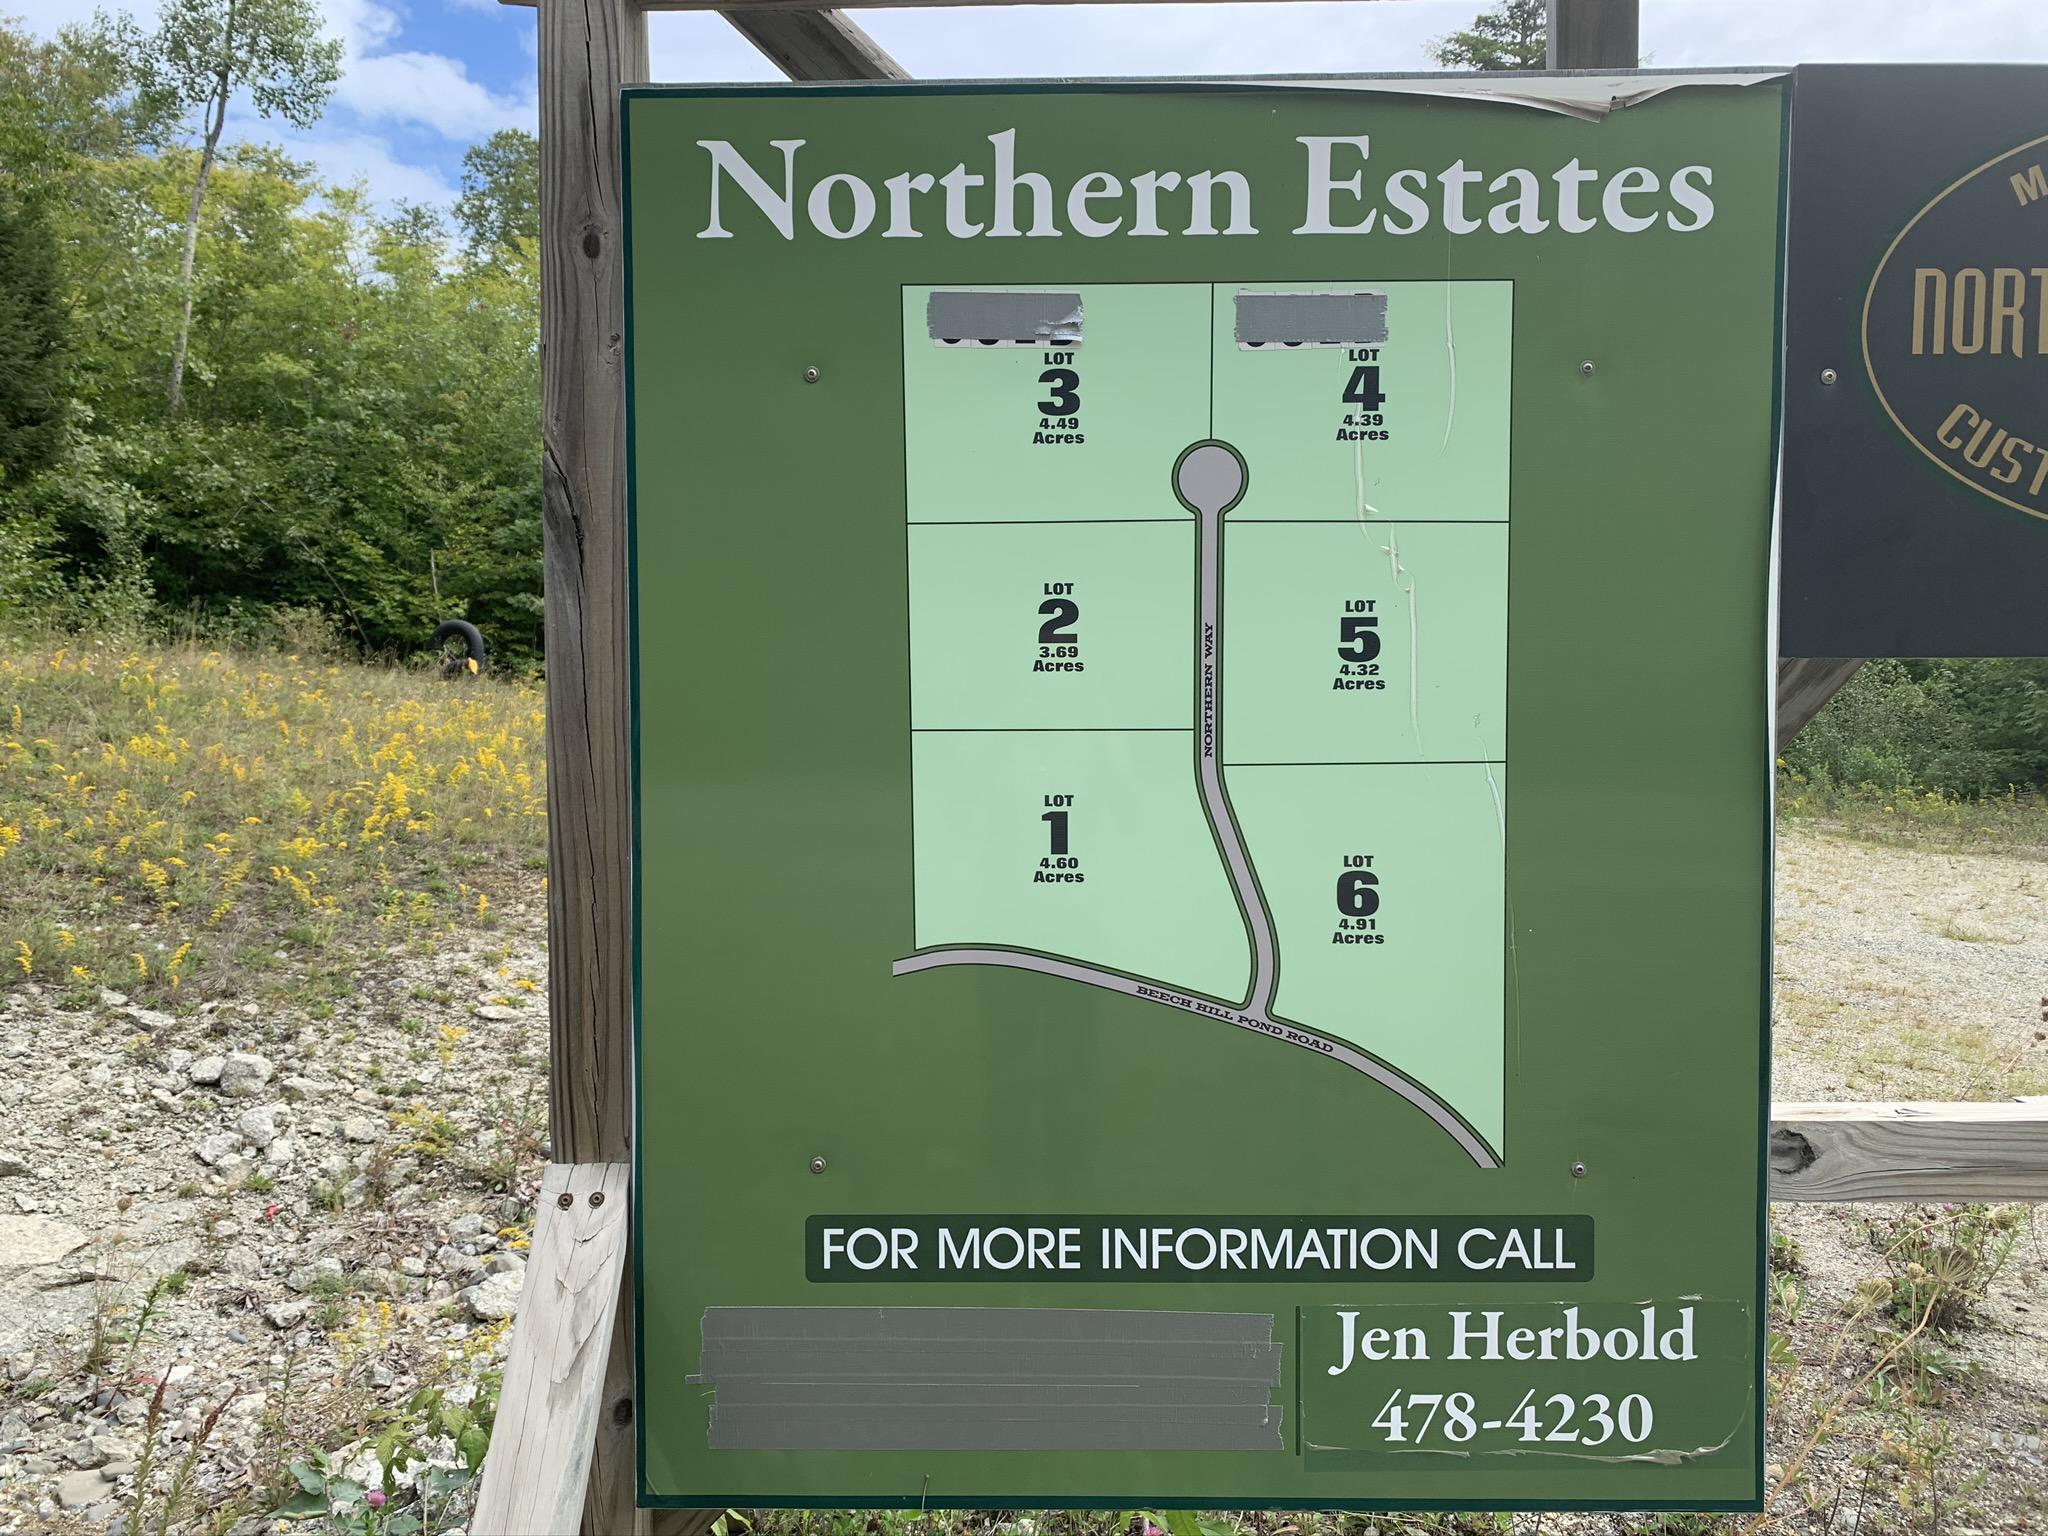 Lot 4 Northern Way Road